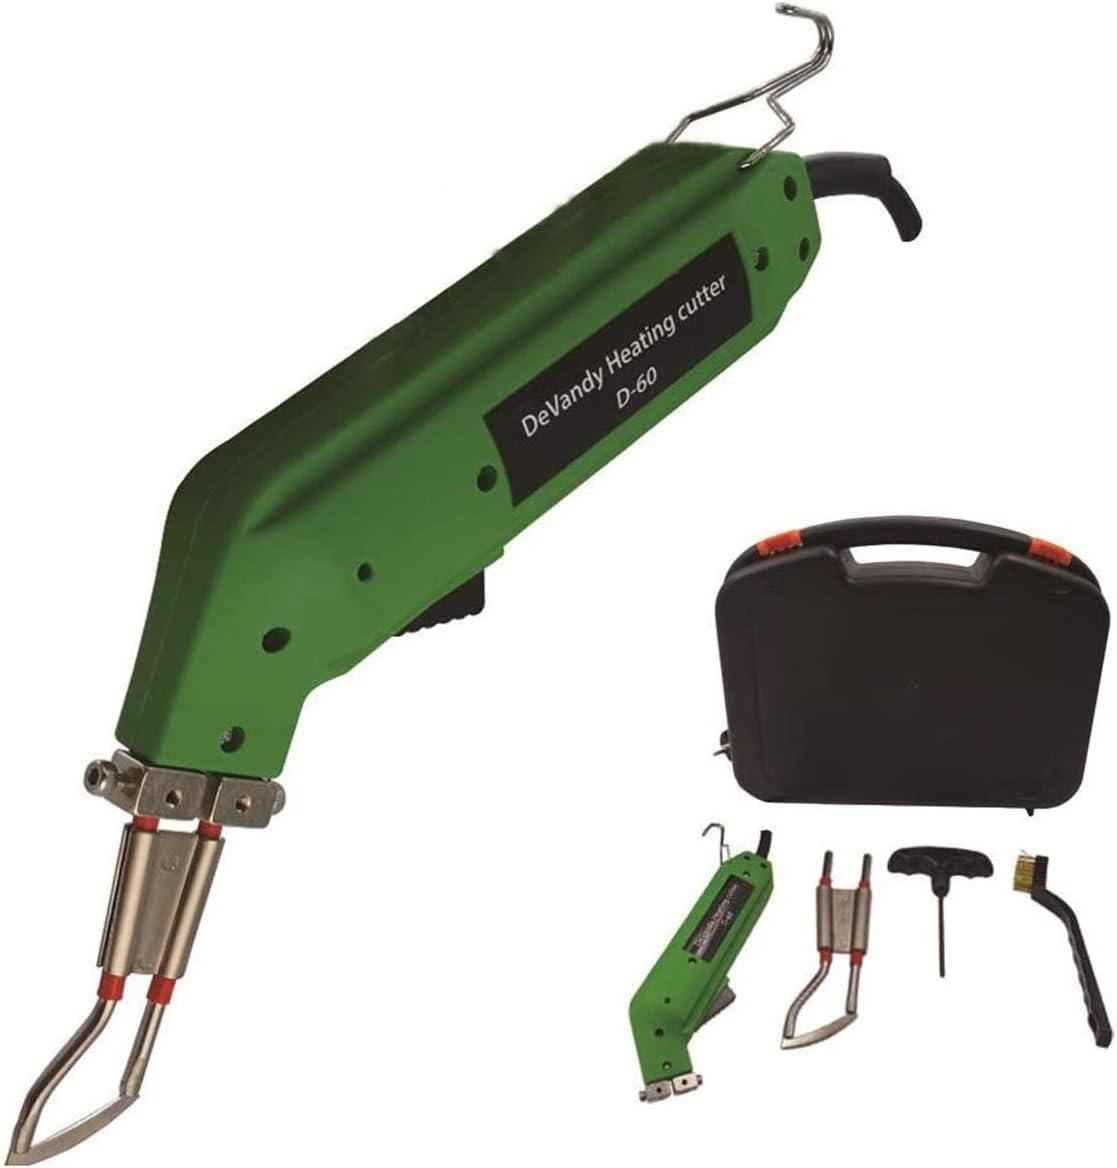 D60-Hand Held Hot Knife service 2021 autumn and winter new cutter Cutter Fabric Heat